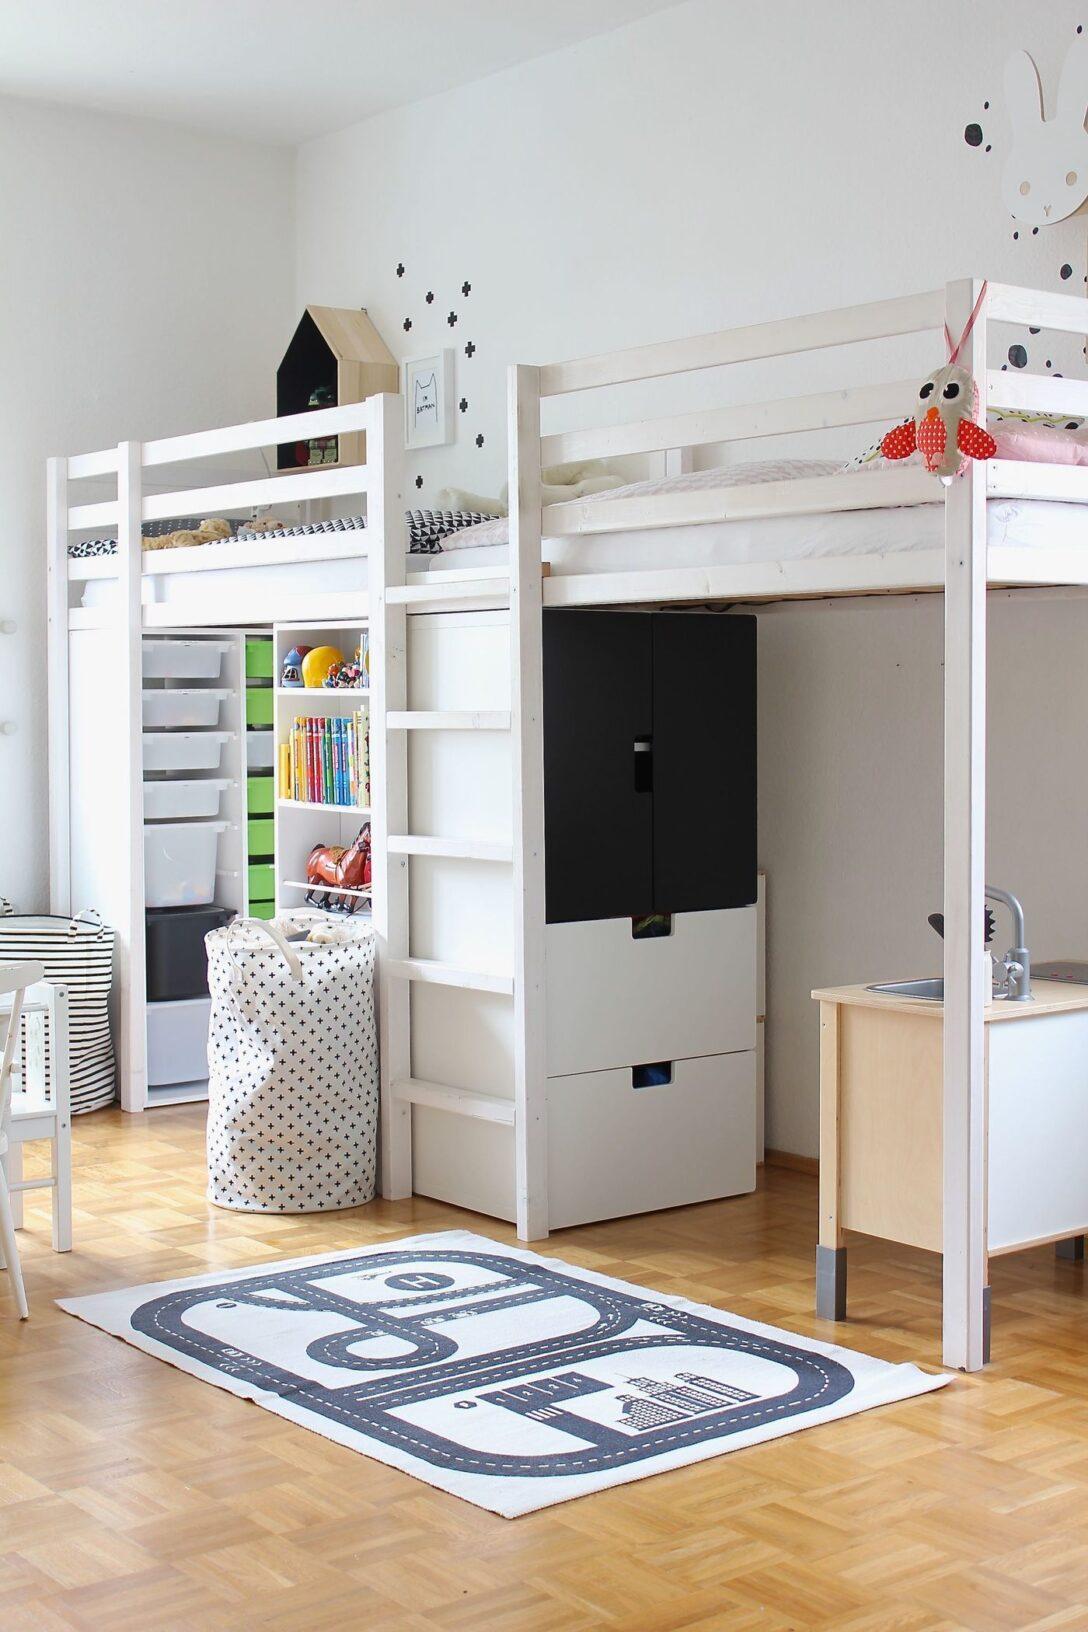 Large Size of Ideen Fr Das Ikea Stuva Kinderzimmer Einrichtungssystem Sofa Mit Schlaffunktion Küche Kaufen Miniküche Betten Bei Jugendzimmer 160x200 Kosten Modulküche Wohnzimmer Jugendzimmer Ikea